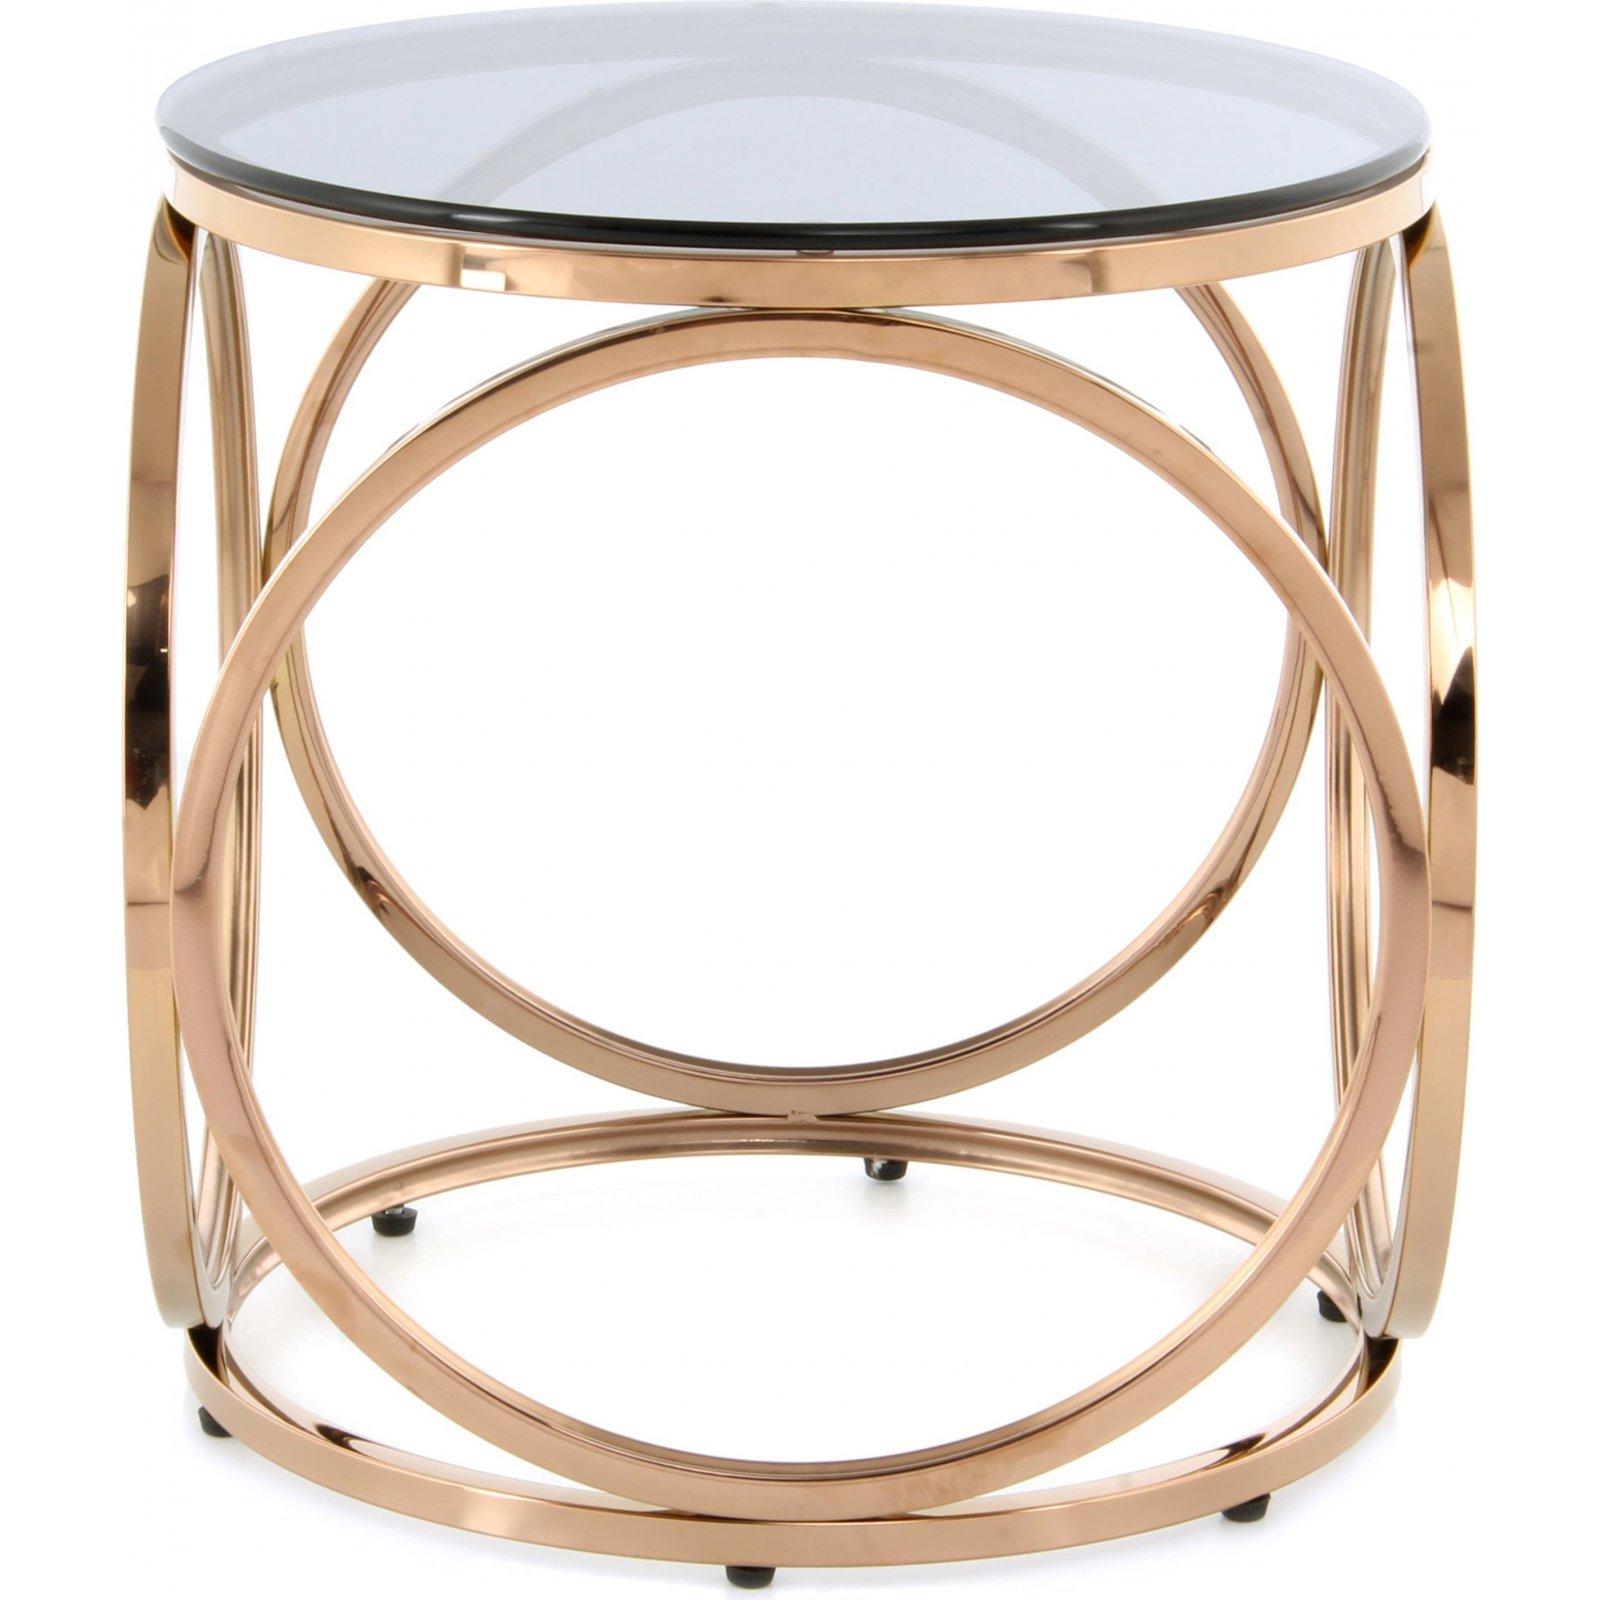 Table d'appoint ronde or rose plateau verre fumé d40cm